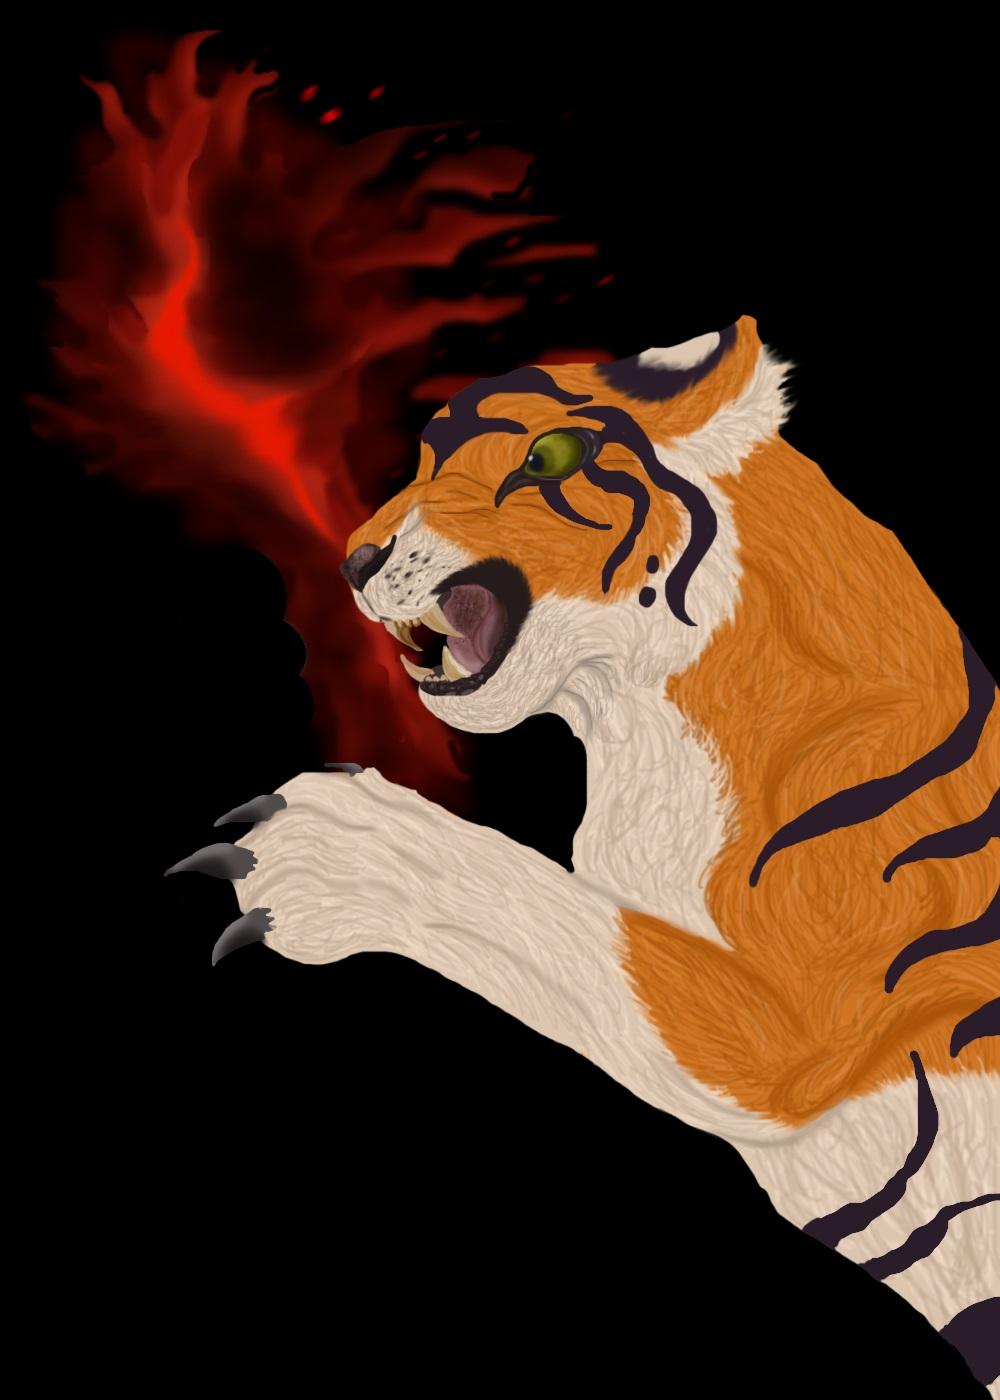 Malevolent Tigers